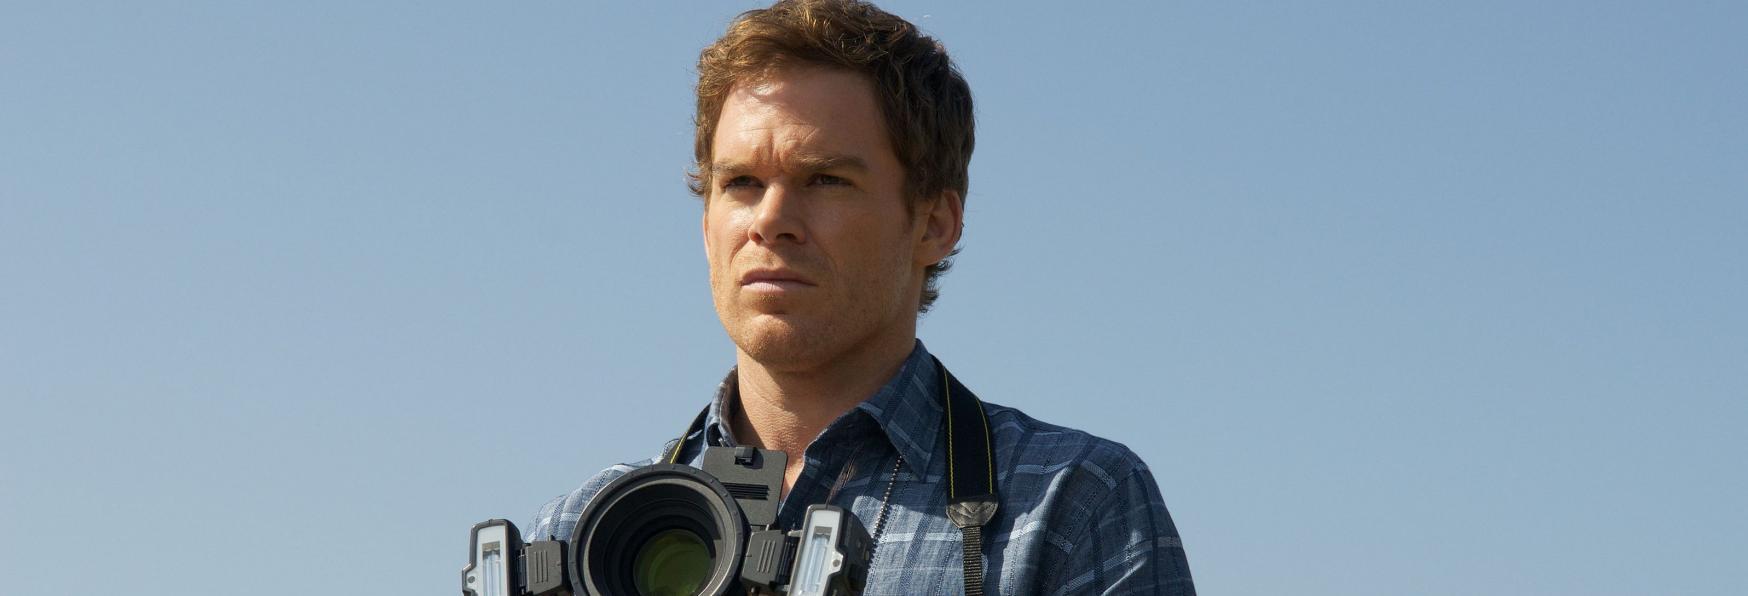 Dexter: Michael C. Hall spera che il Reboot rimedi al discusso Finale di Serie